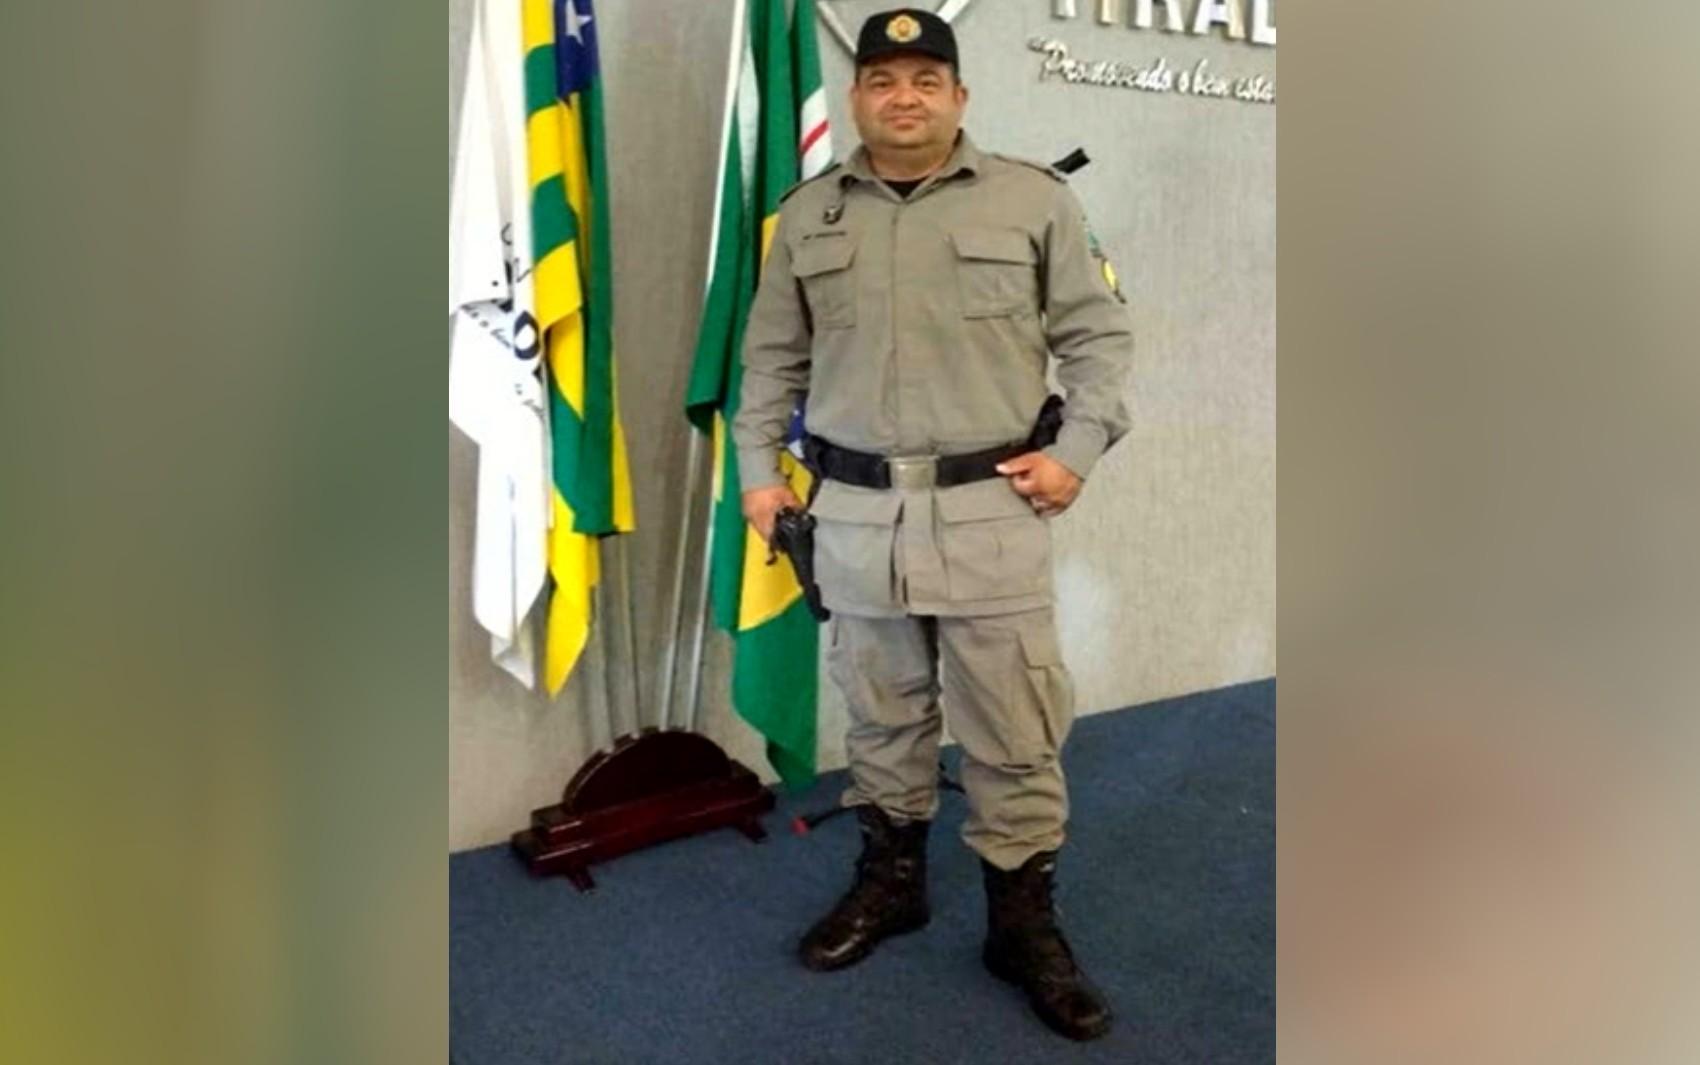 Sargento da PM morre dois dias após deixar hospital curado da Covid-19, em Goiânia